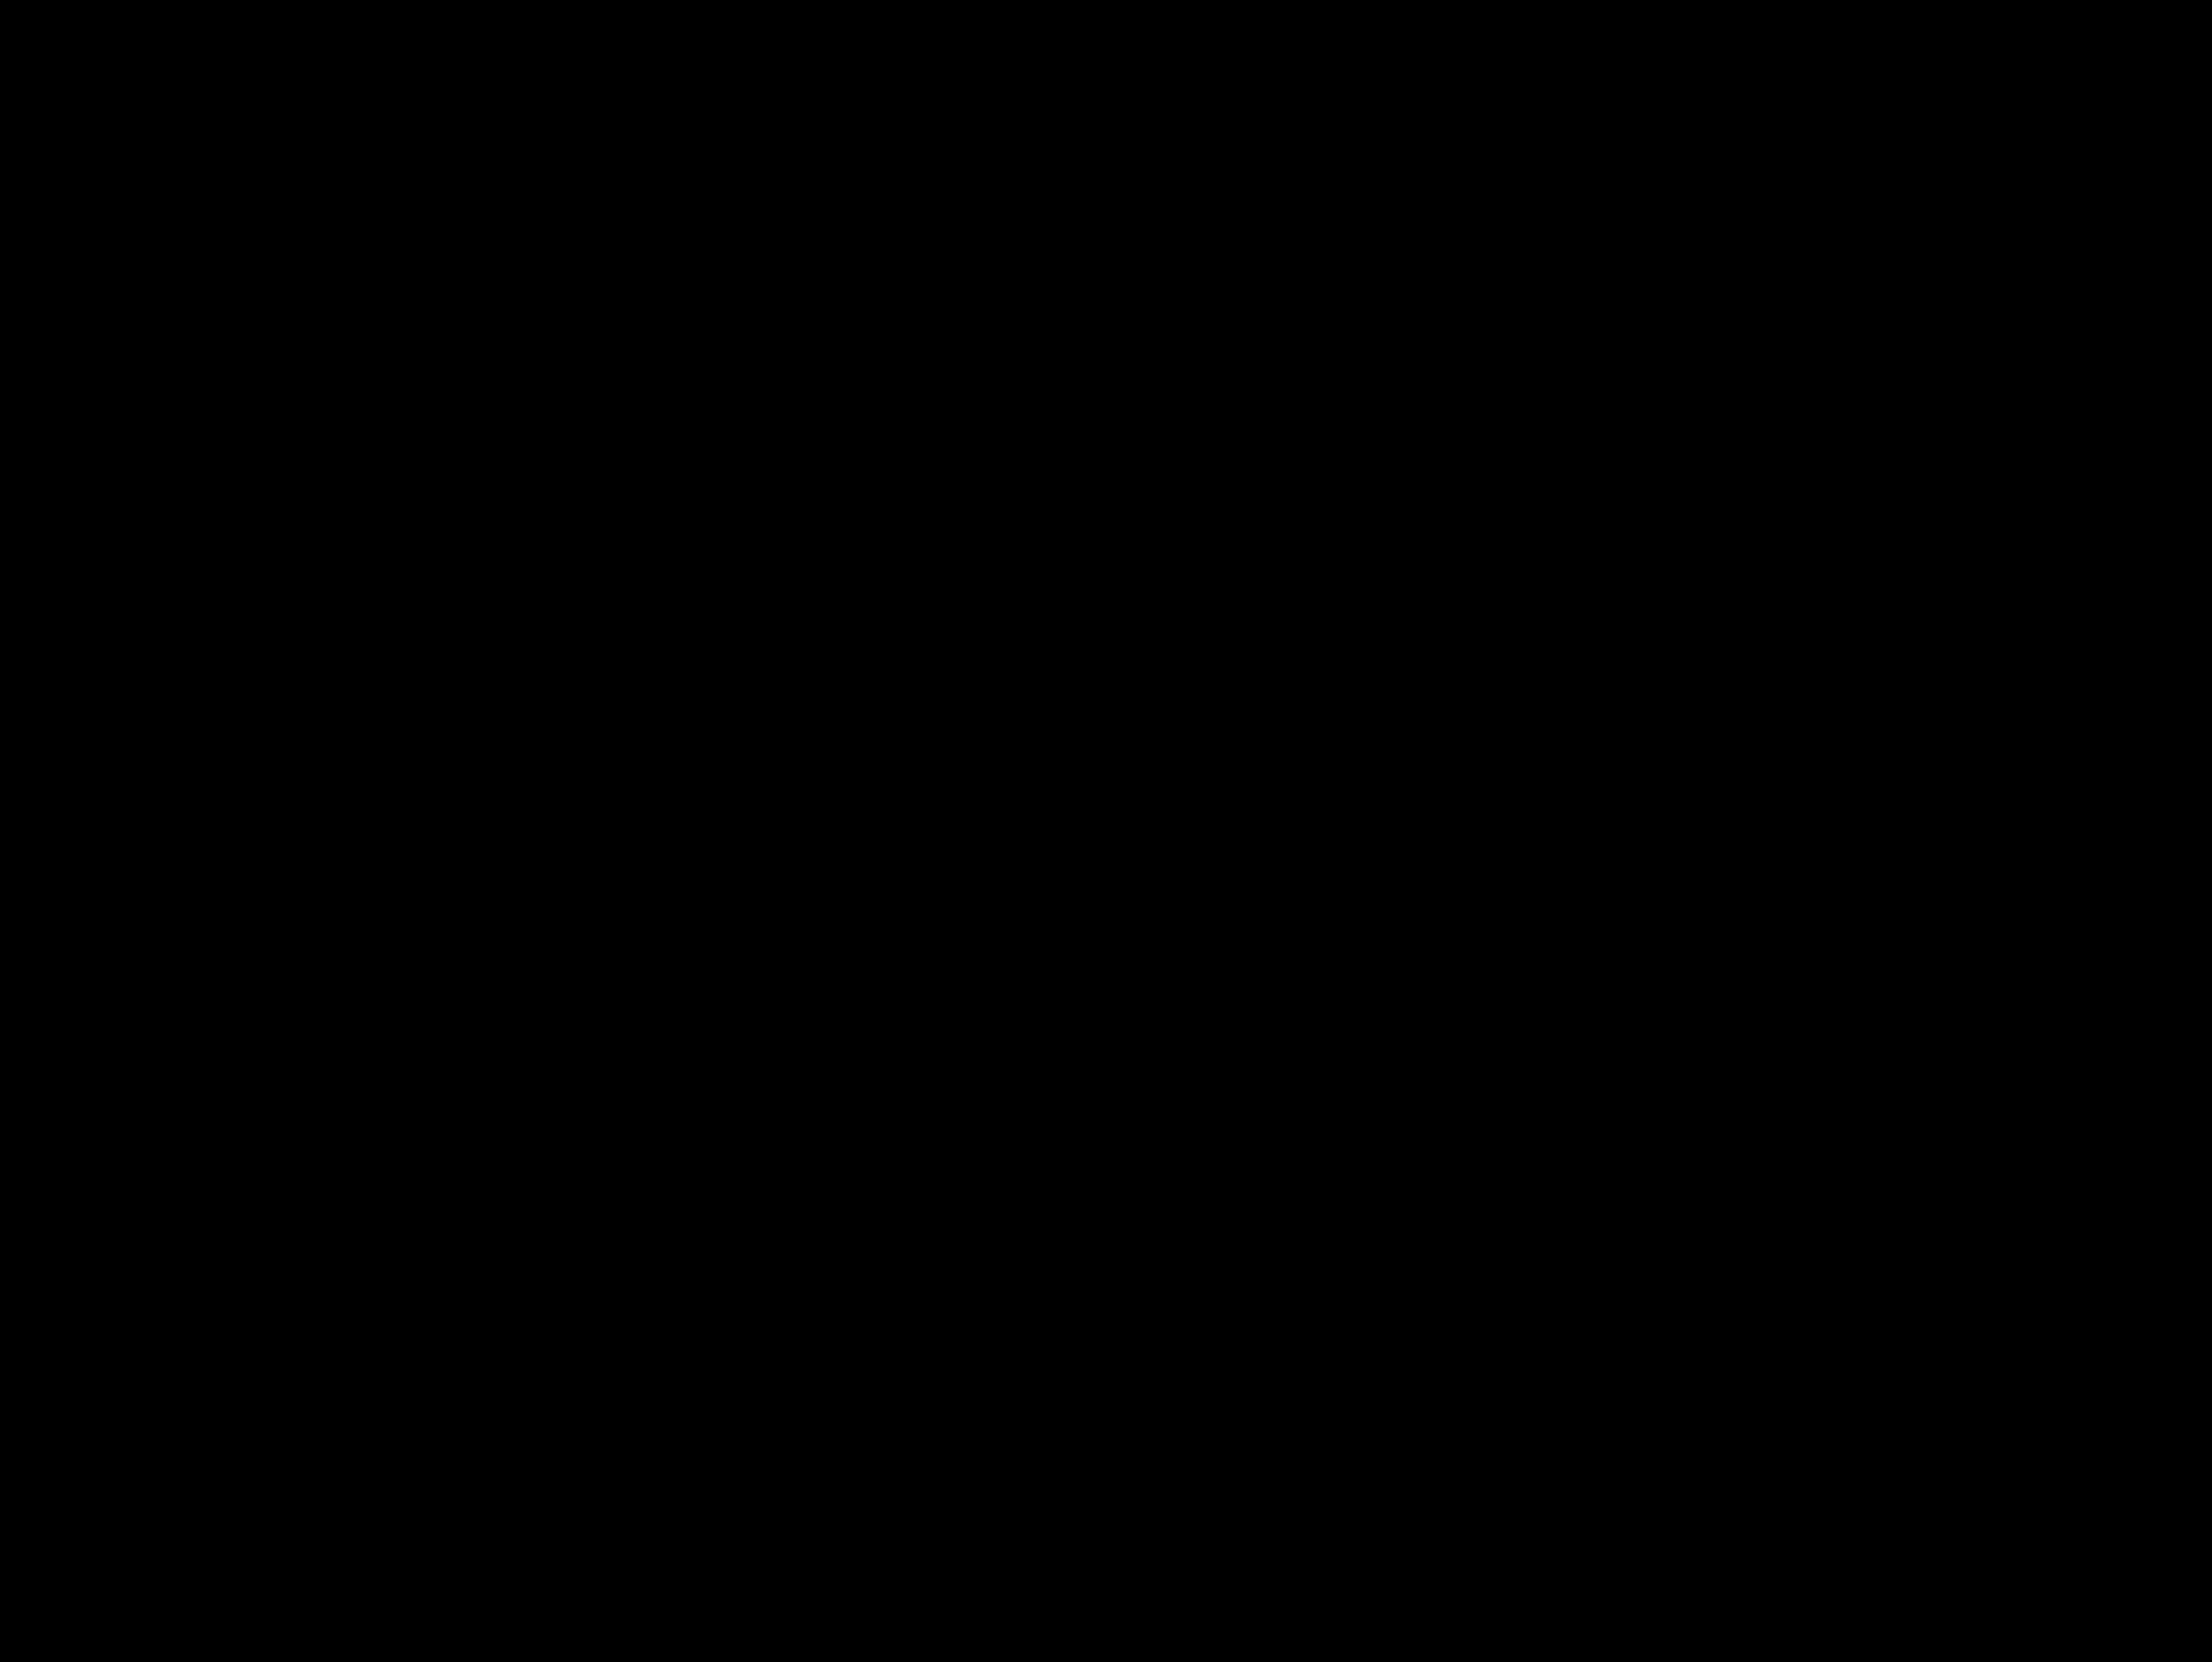 Wallpaper Sonya, Outdoors, Naked, Wet, Big Tits, Hard -6304